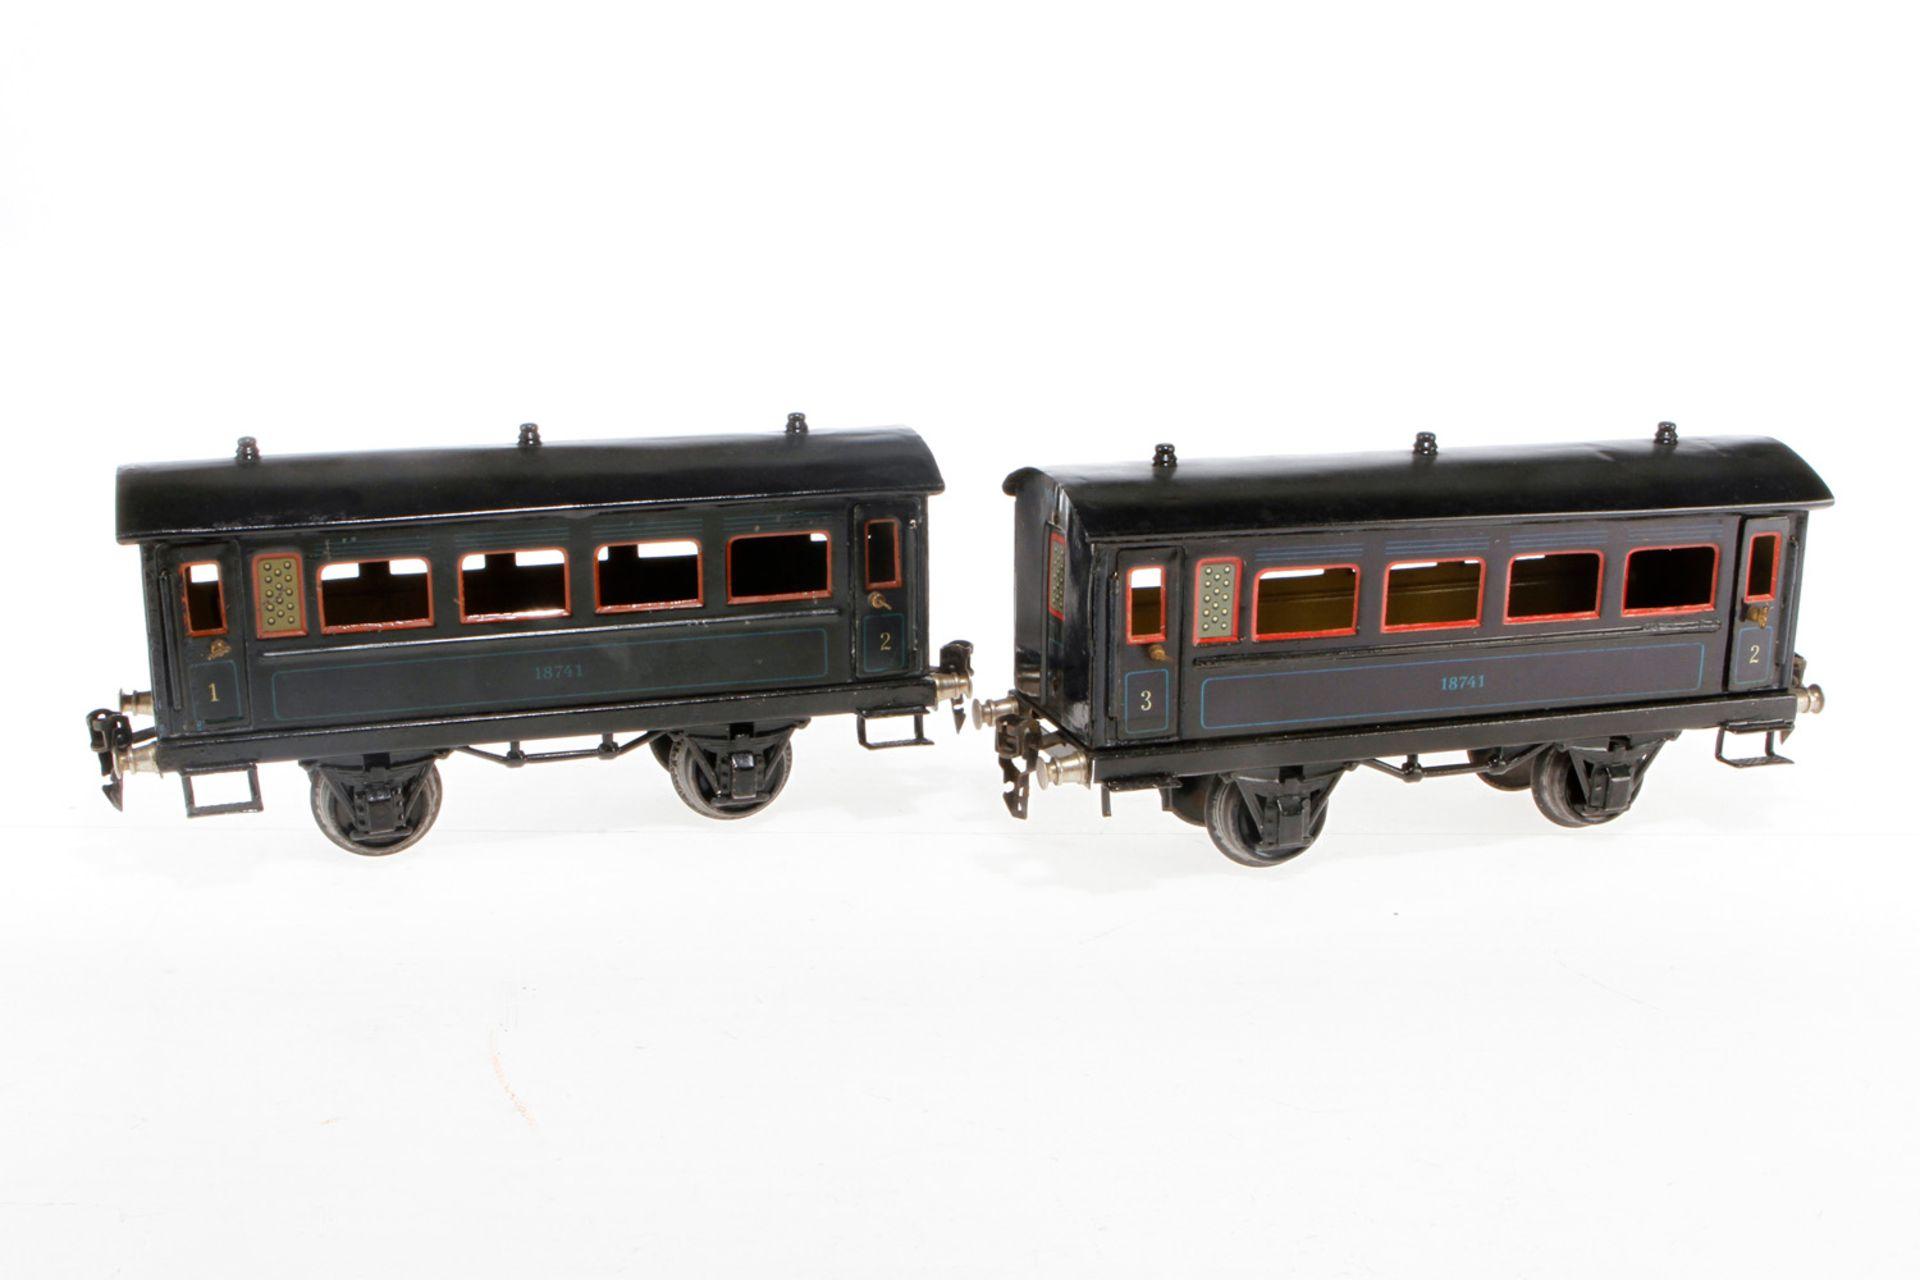 2 Märklin Personenwagen 1874, S 1, CL, Dächer rest., 2 Treppen NV, LS, L 24, Z 3